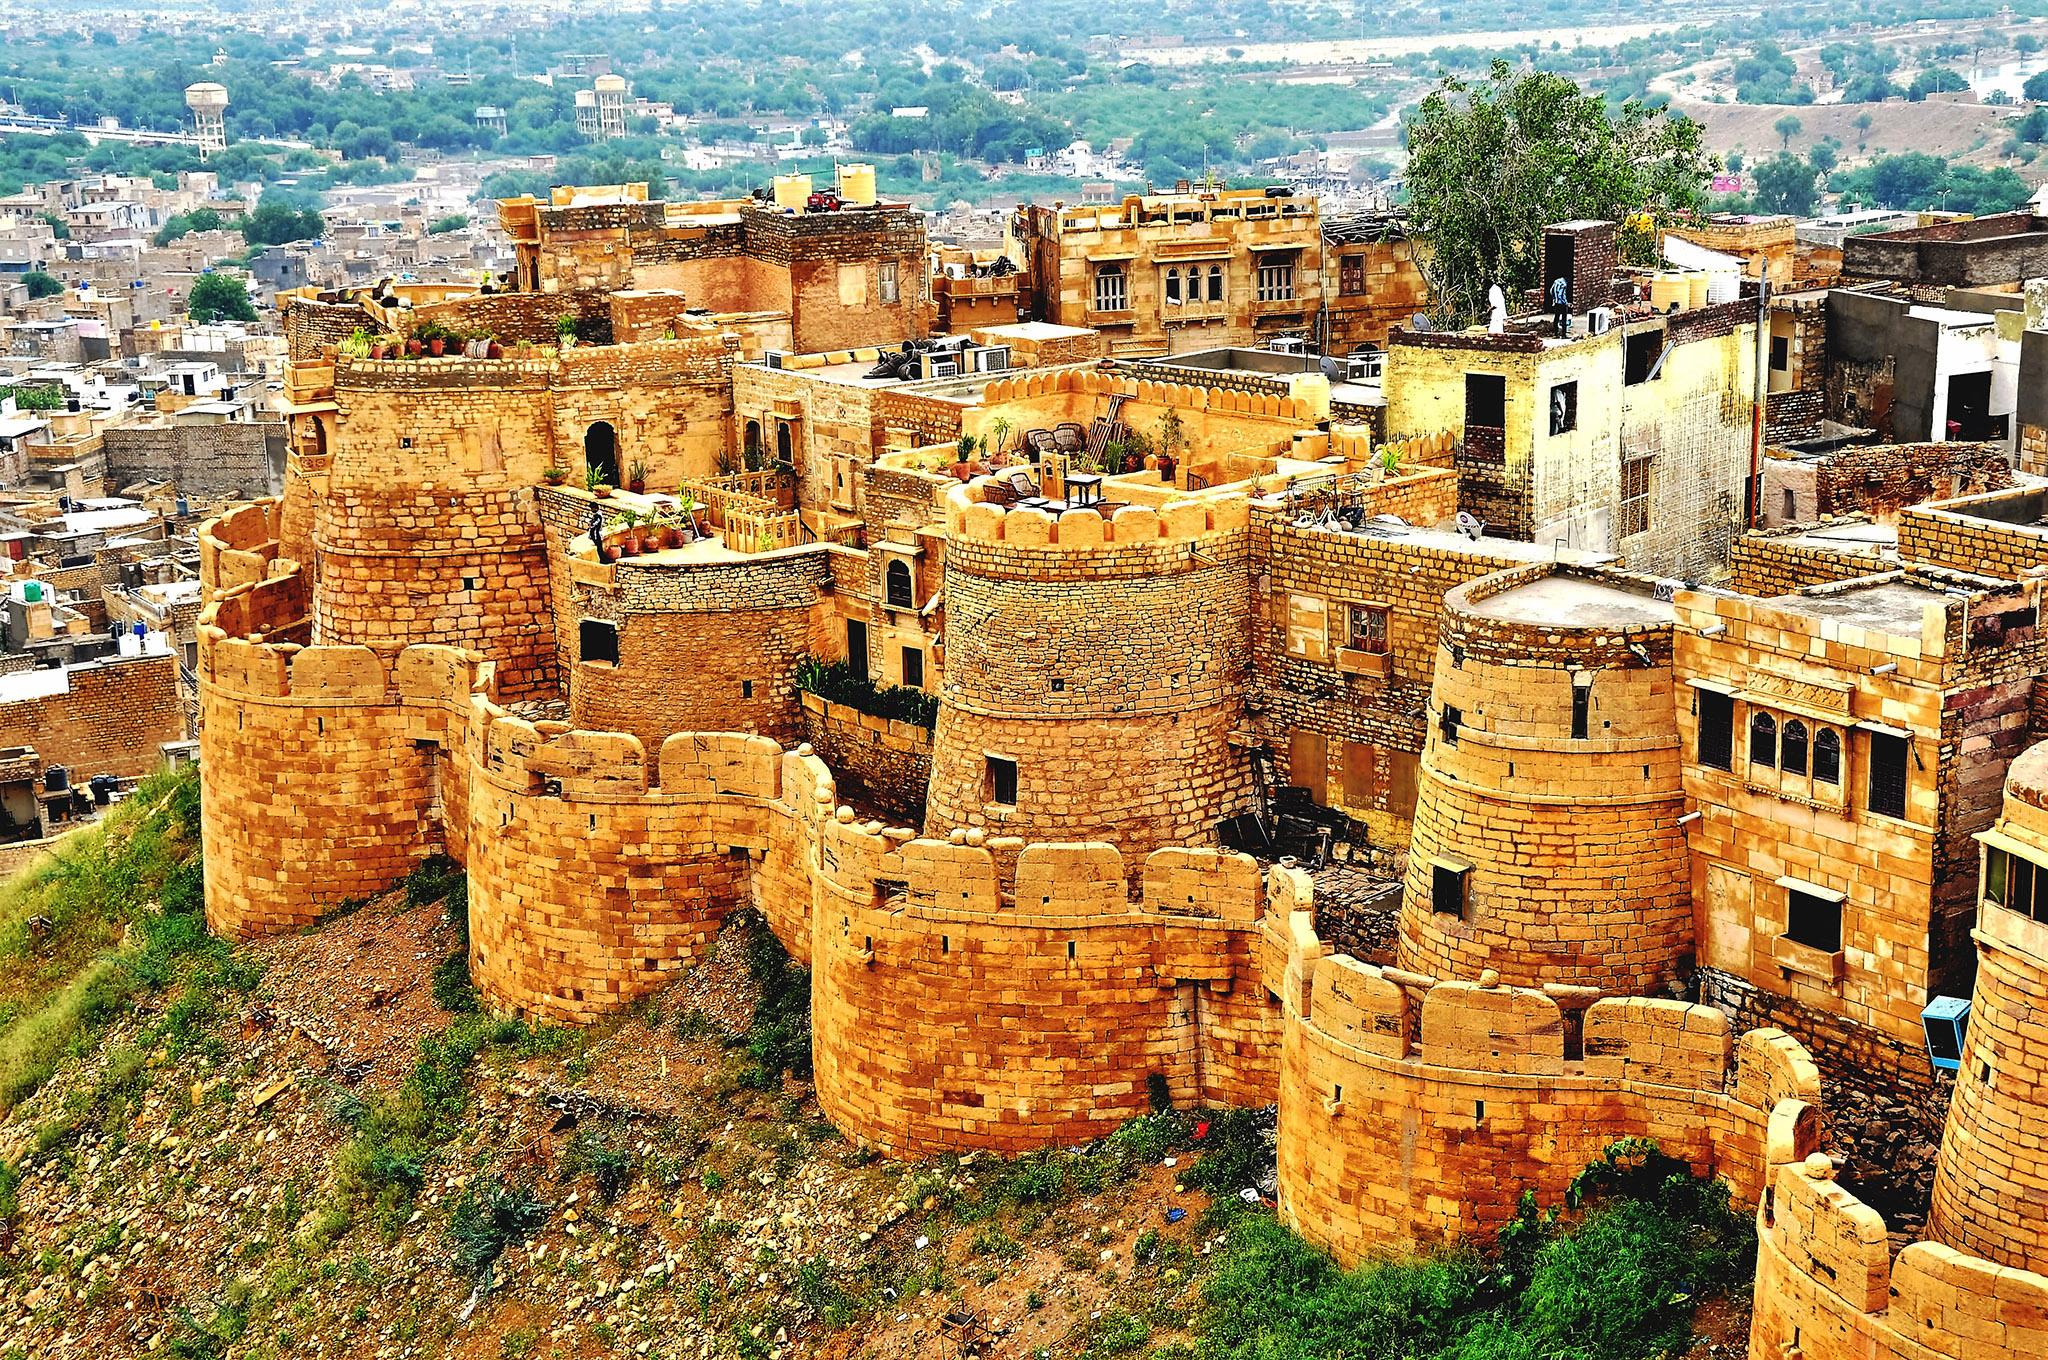 Forteresse de Jaisalmer, la ville dorée en Inde